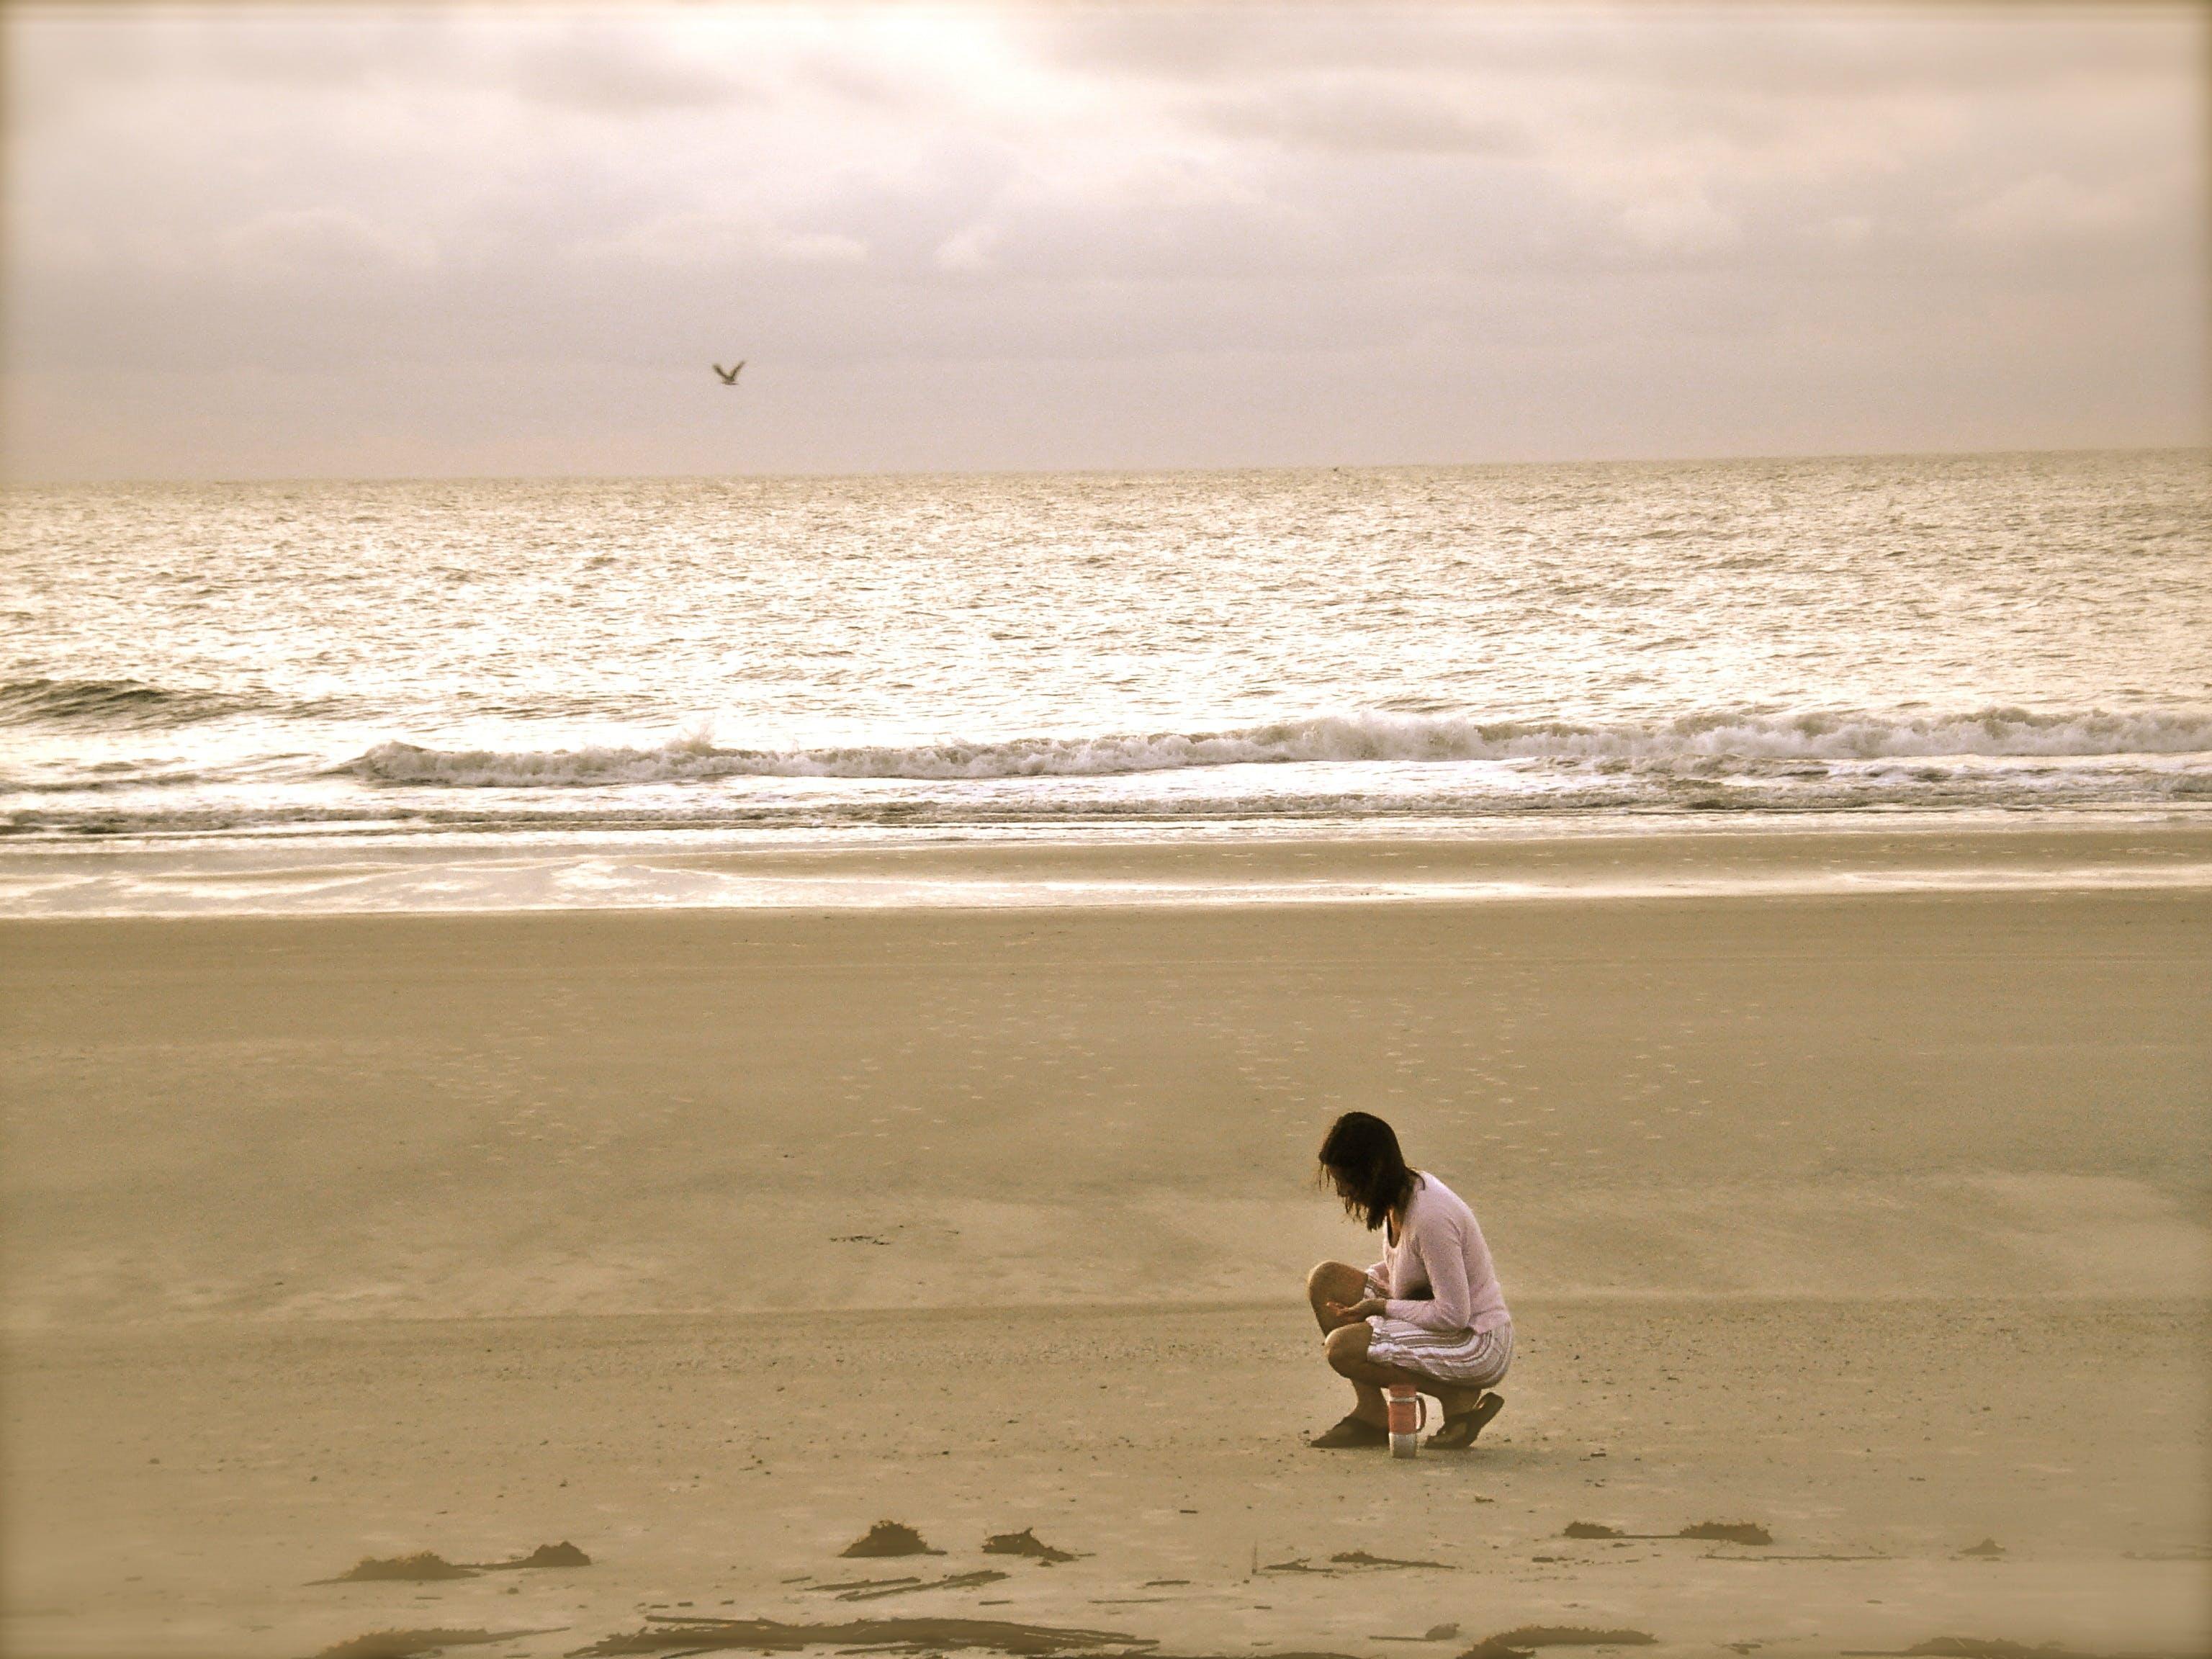 Δωρεάν στοκ φωτογραφιών με ακτή, άμμος, άνθρωπος, γνέφω